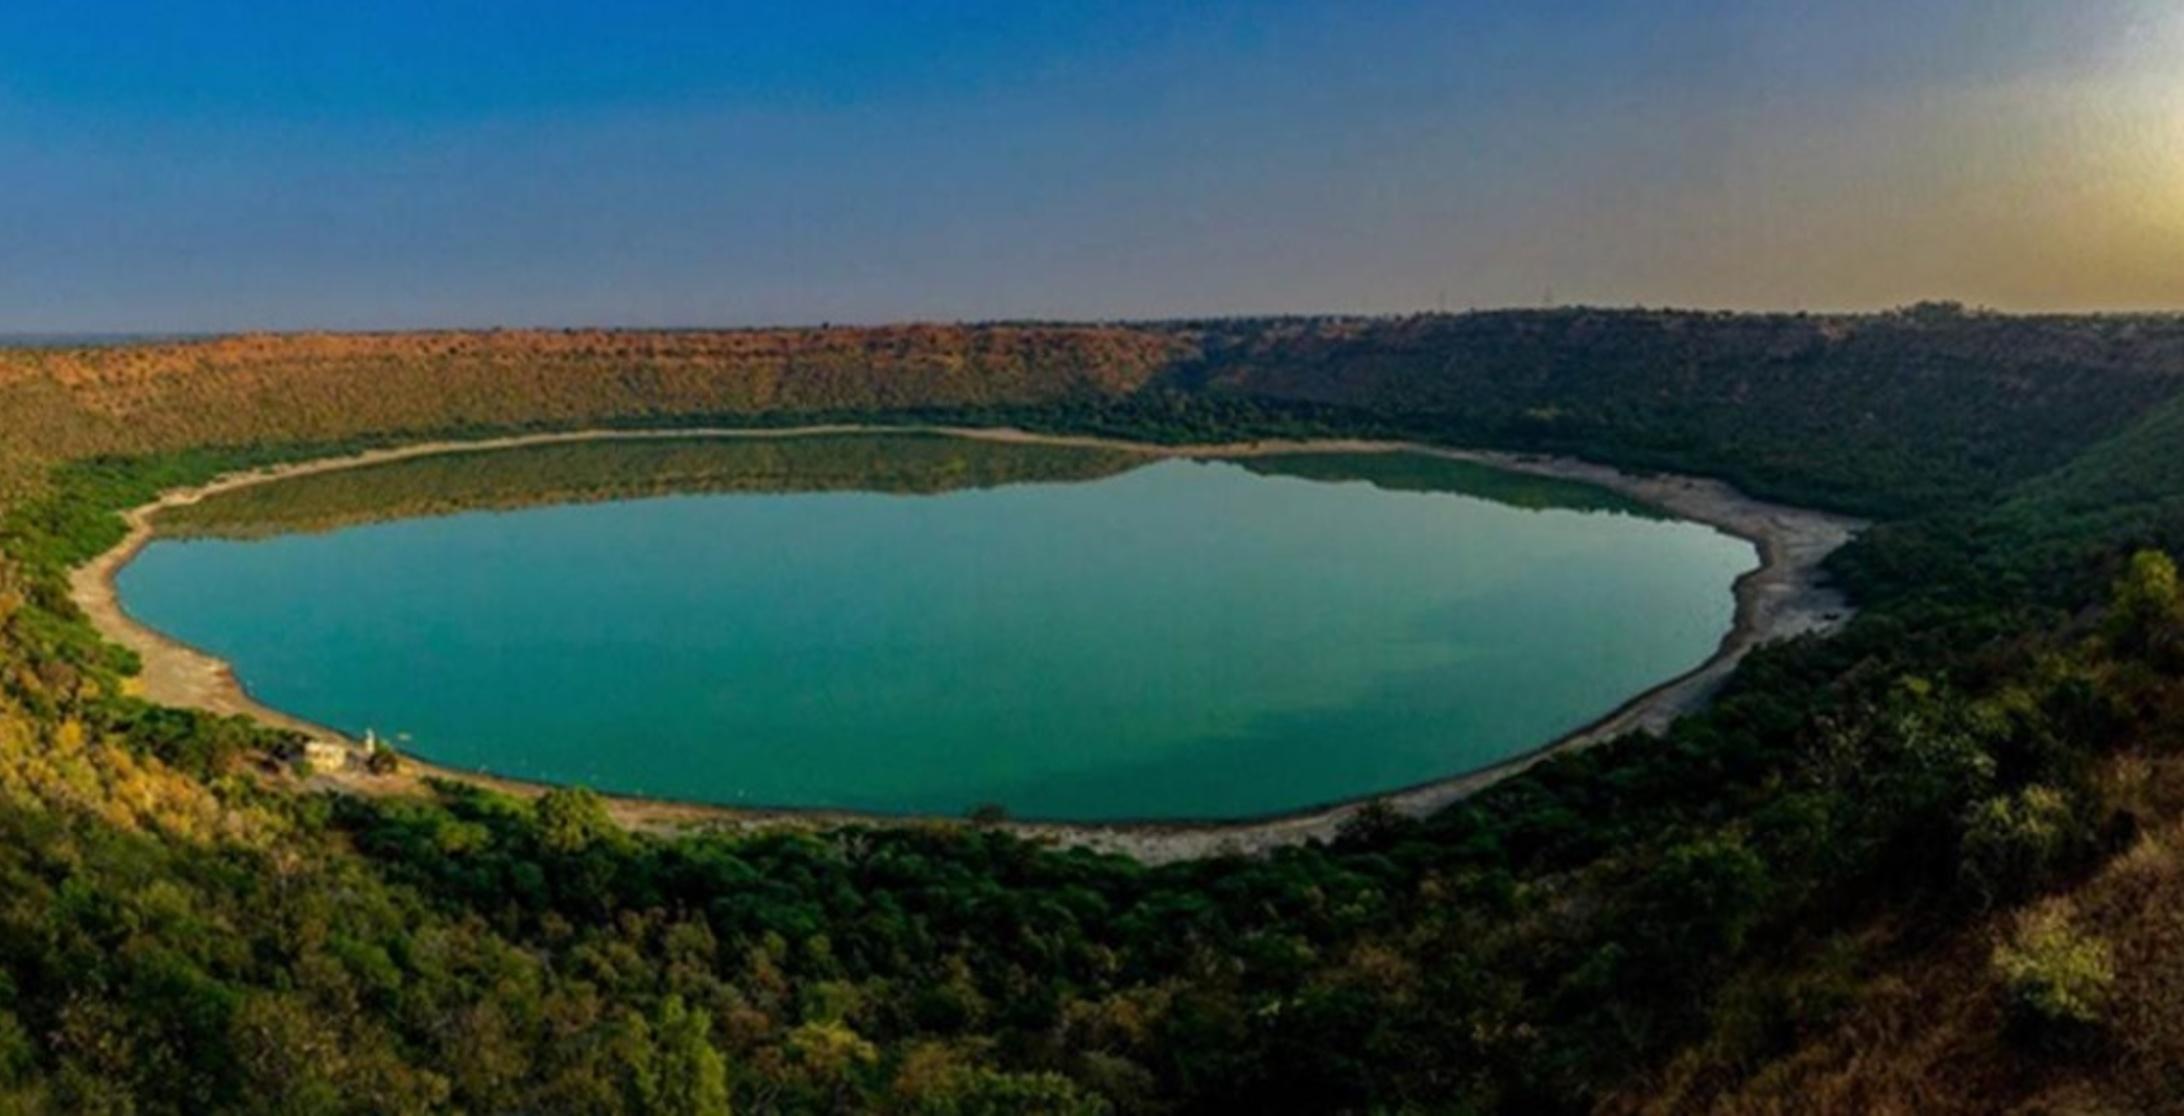 करीब 50,000 साल पुरानी लोनार झील का पानी हुआ लाल, कारण किसी को नहीं पता |  500 Year Old Lonar Lake in Maharashtra Turns Red